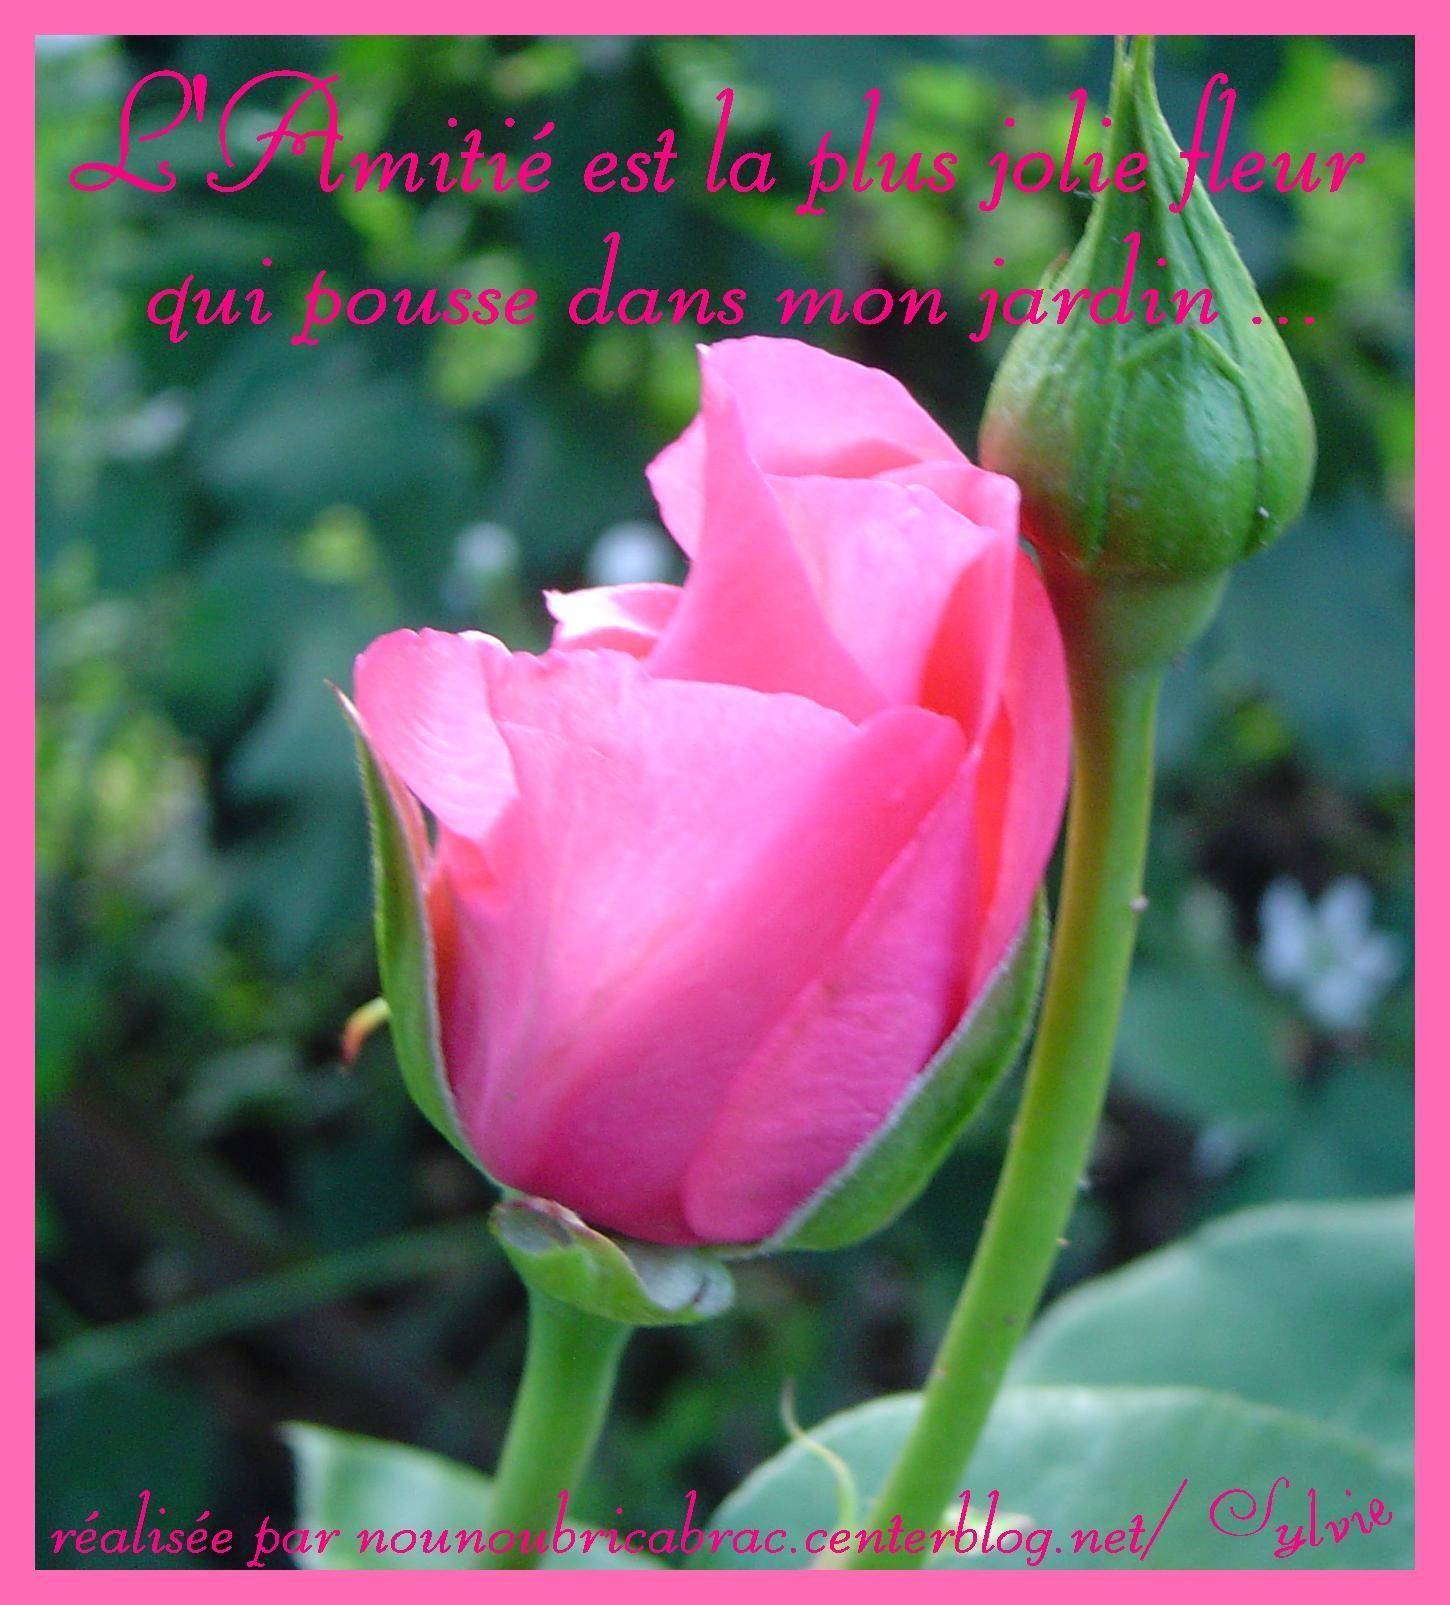 L'amitié est la plus jolie fleur...